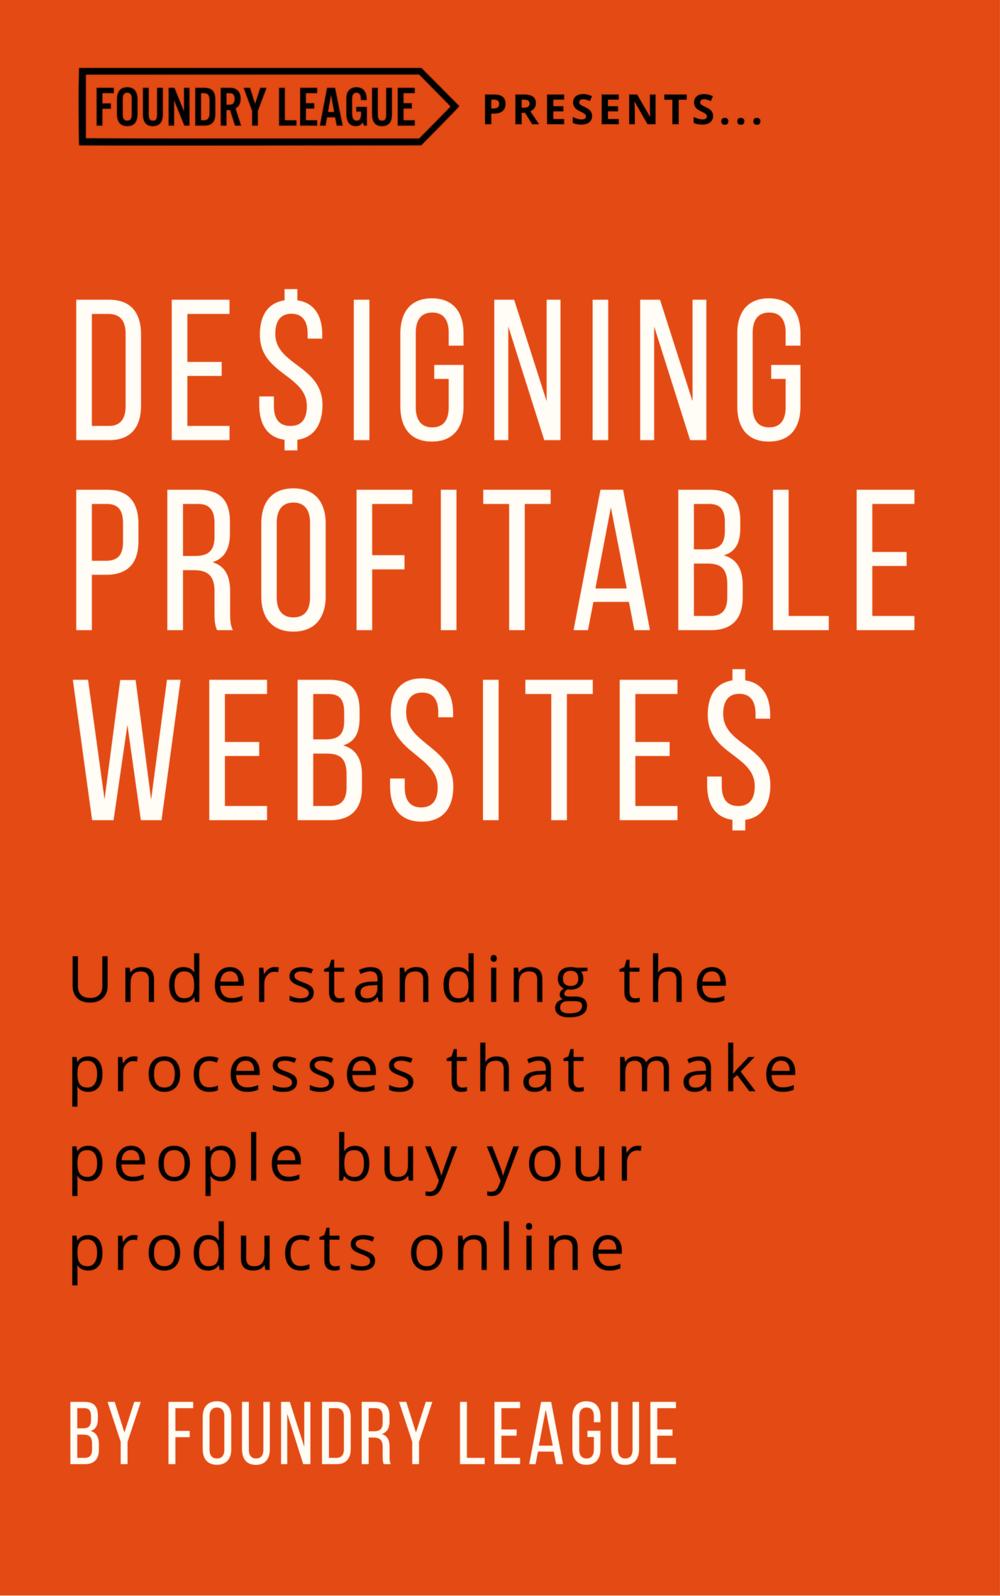 Designing Profitable Websites.png